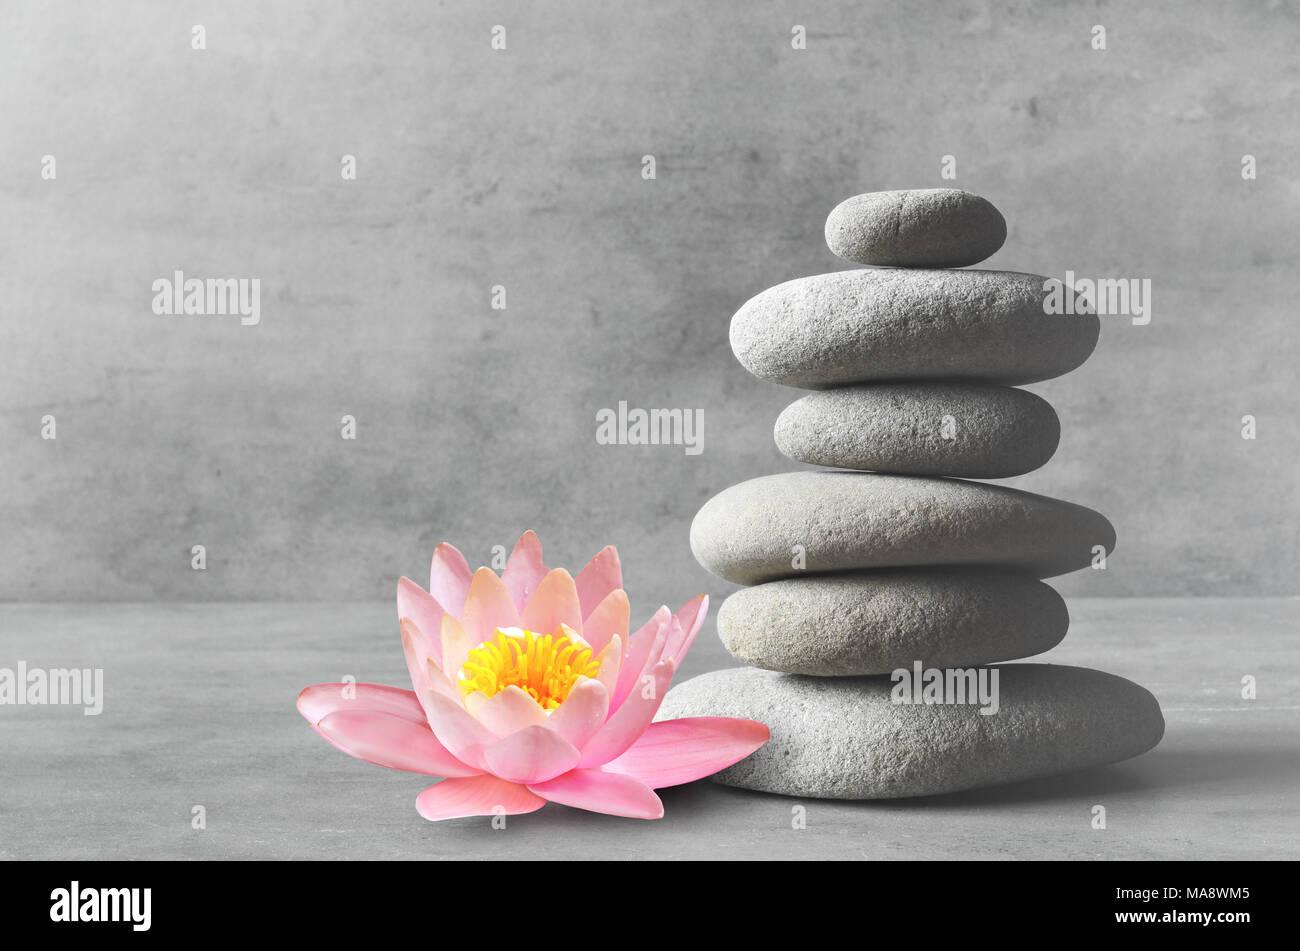 Des pierres et des fleurs Rose lotus l'équilibre. Concept spa et zen. Photo Stock